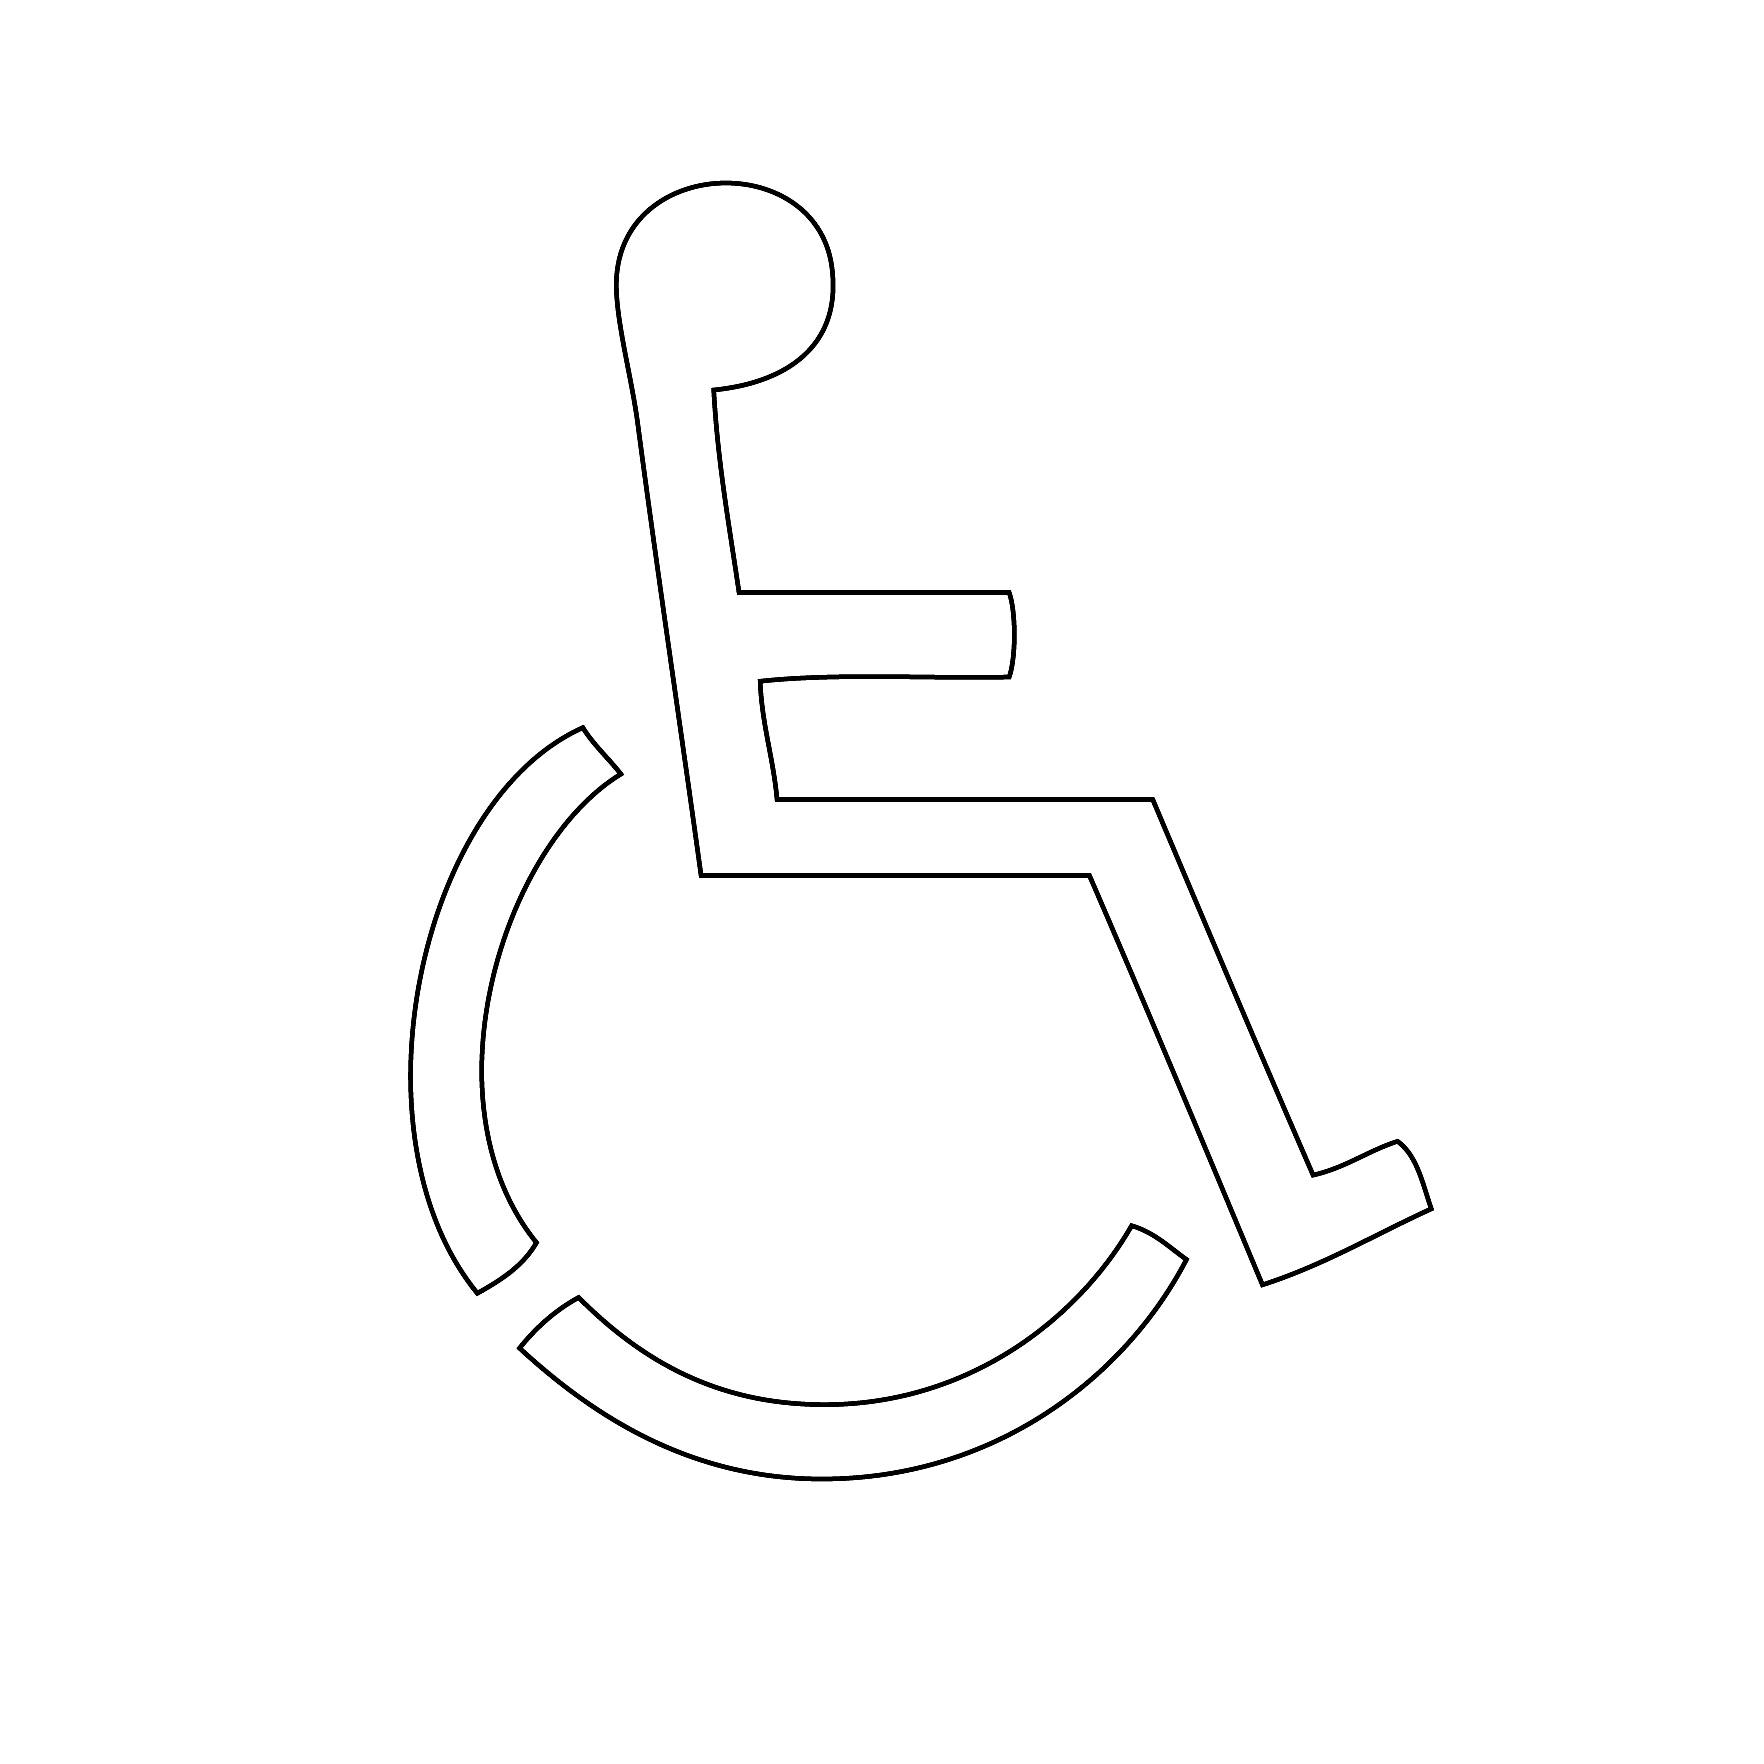 stencil-handicap-sym2.jpg